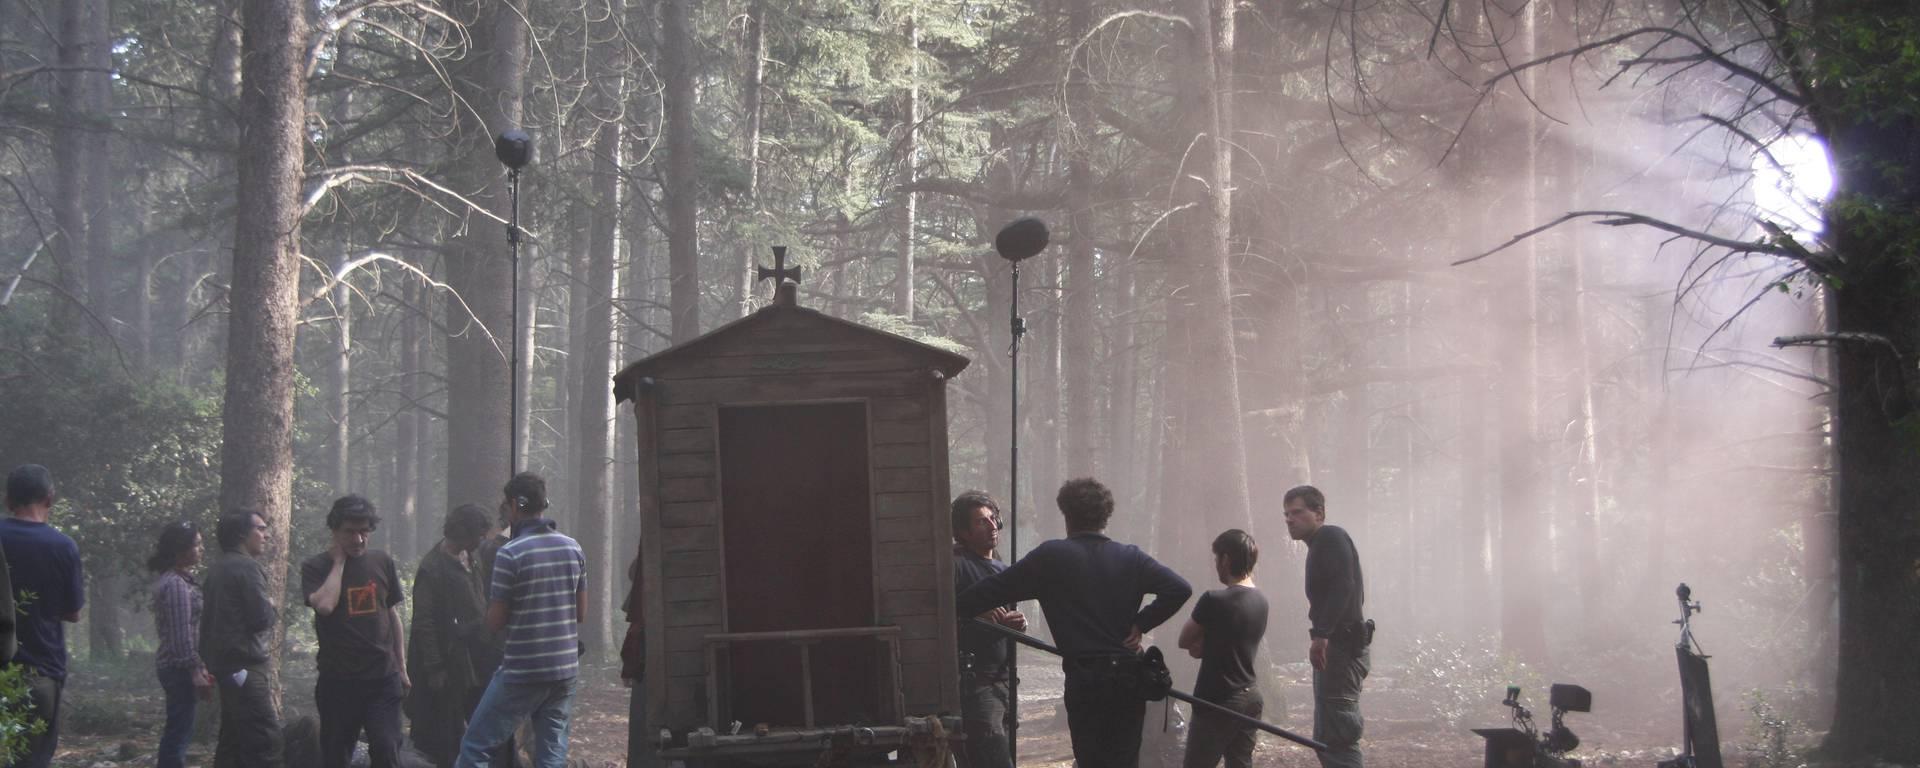 Luberon Vaucluse Colorado cinéma télévision film série Inquisitio forêt des cèdres bonnieux lacoste